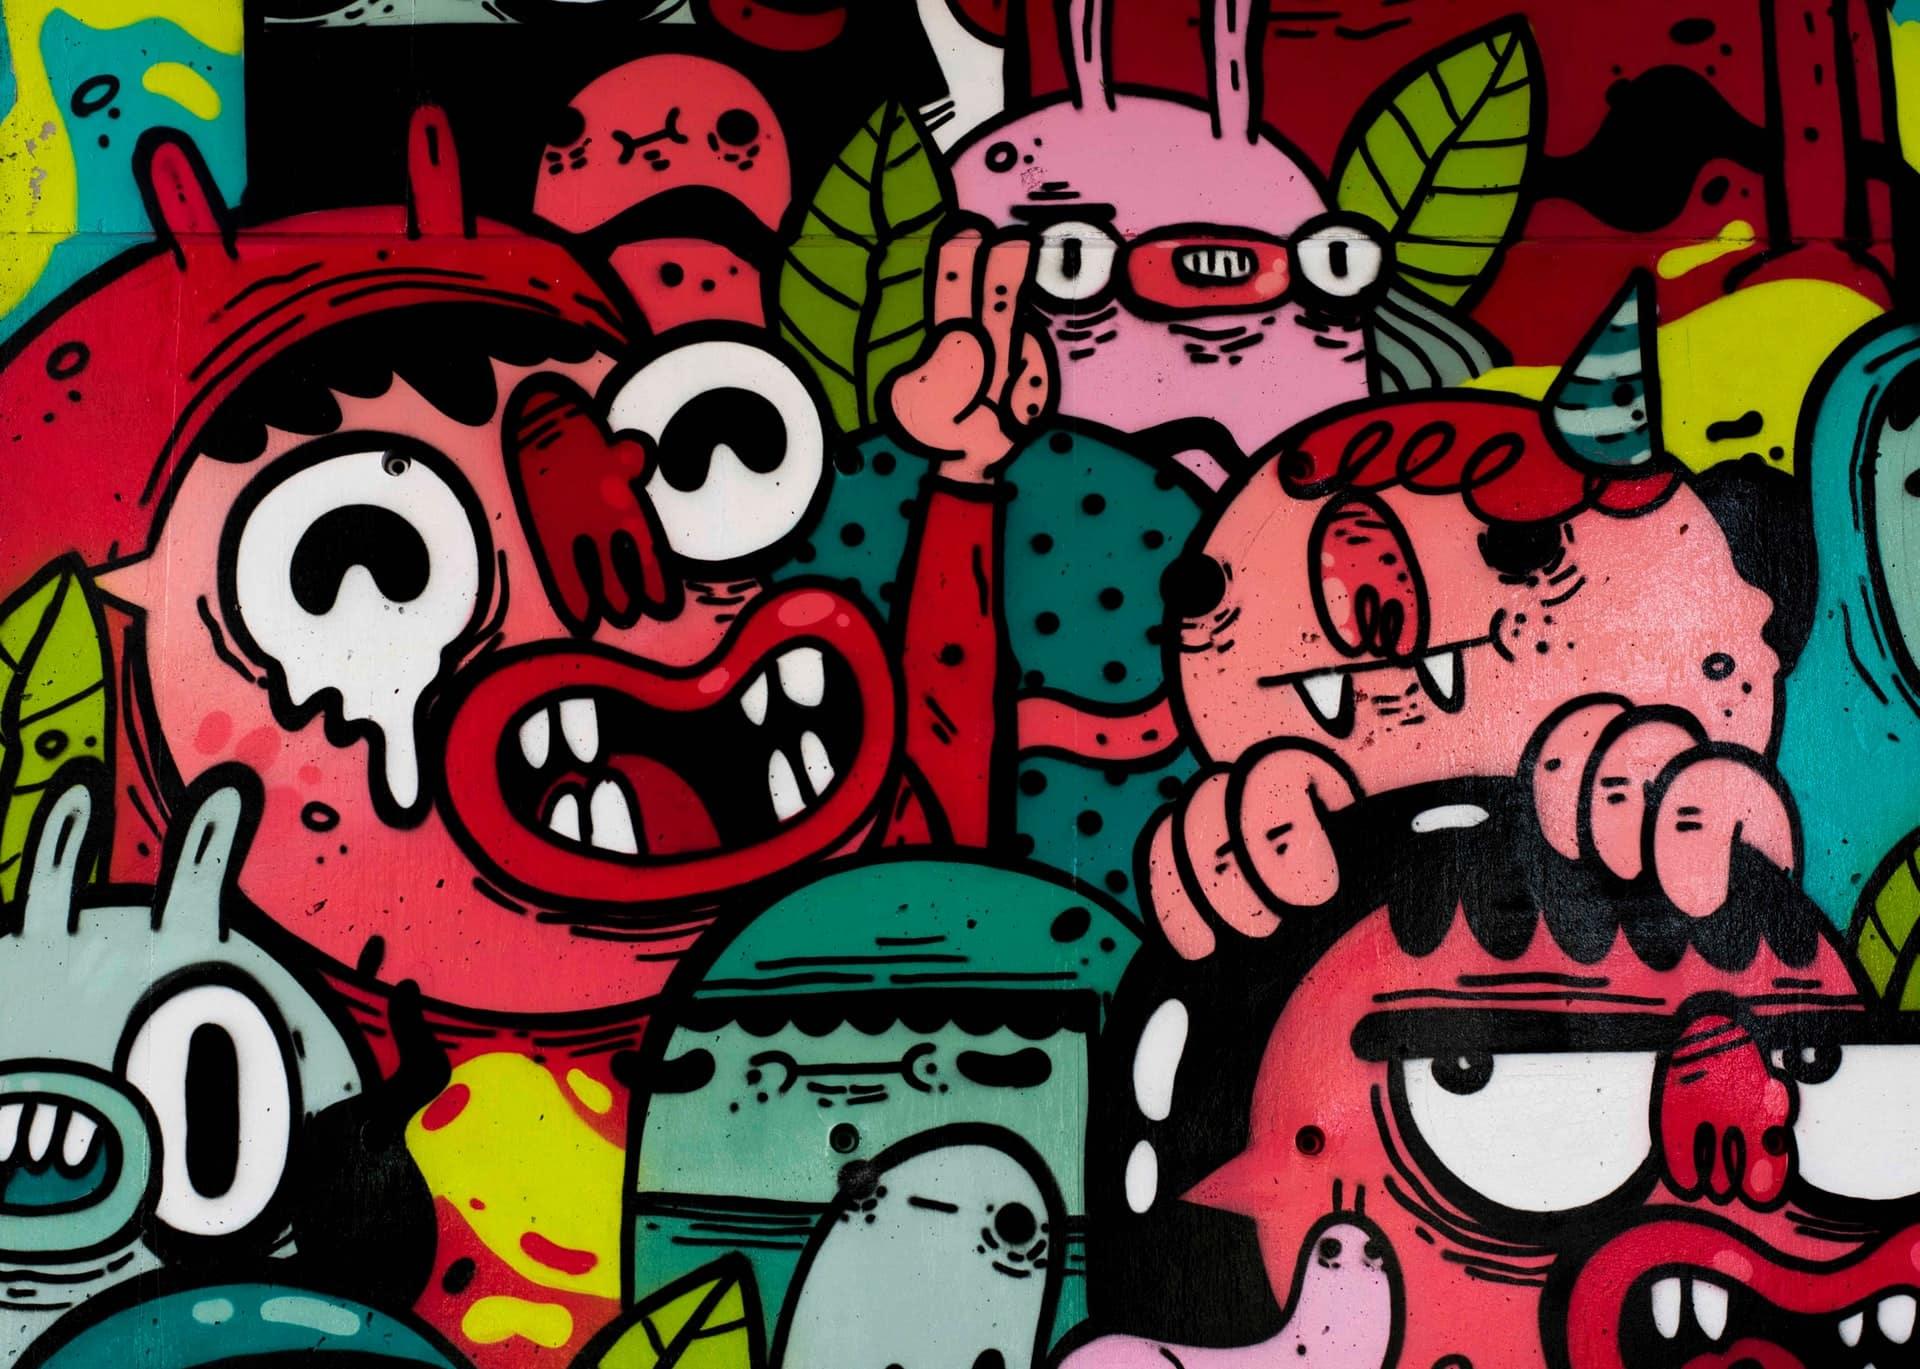 Living Room Wall Art Header Image